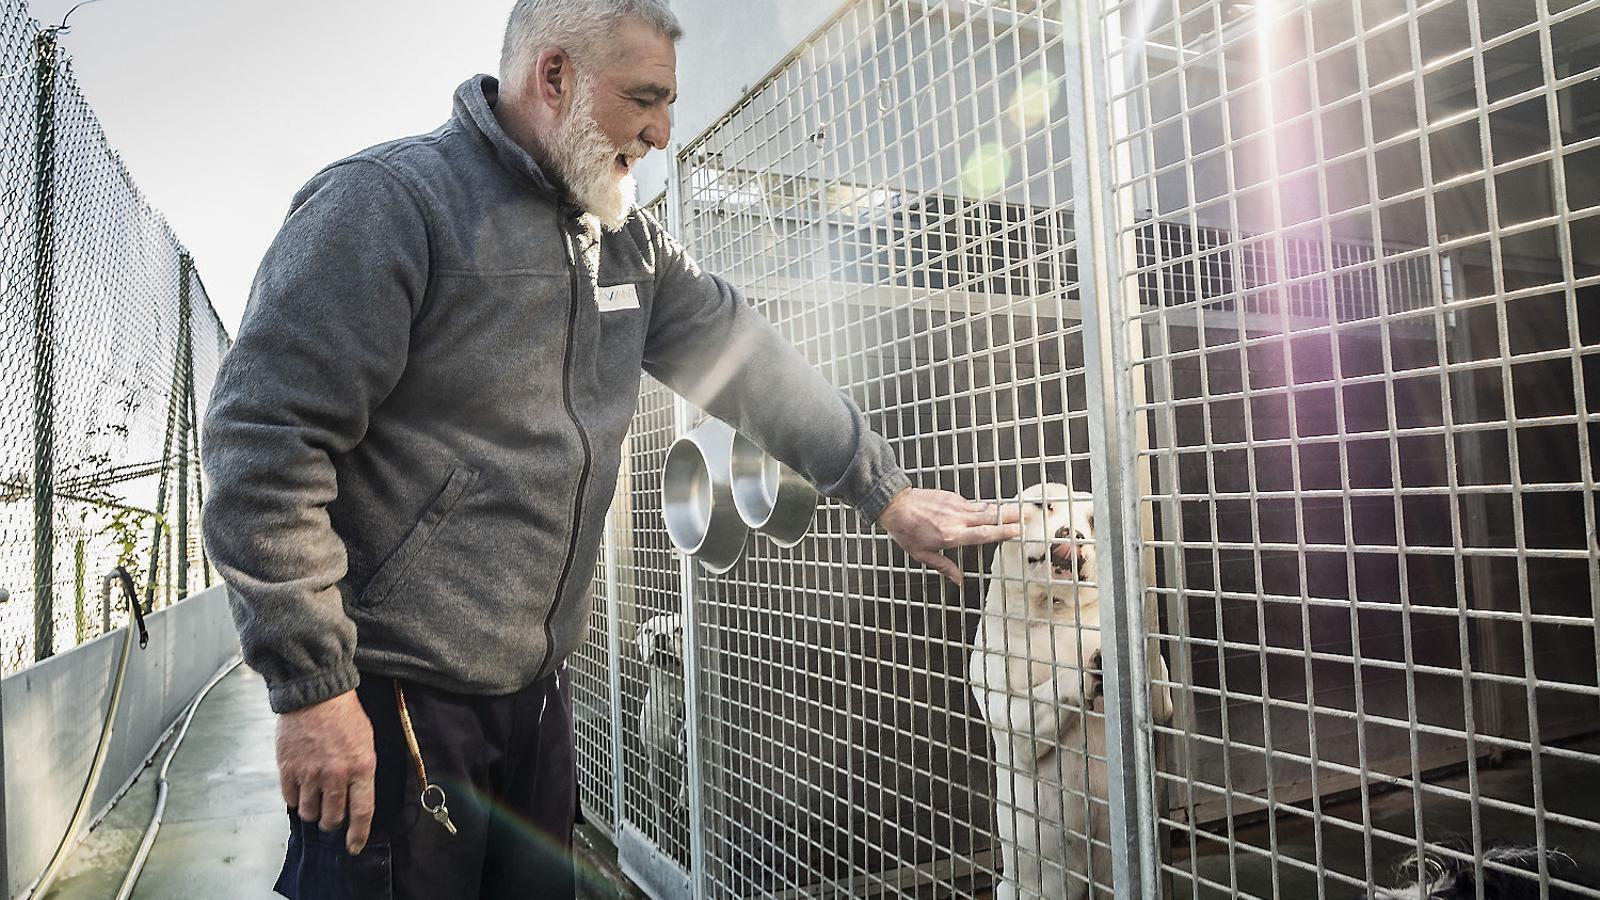 Les instal·lacions del Centre d'Acollida d'Animals de Companyia de Barcelona (CAACB) han quedat petites i antigues per poder acollir tots els animals abandonats.